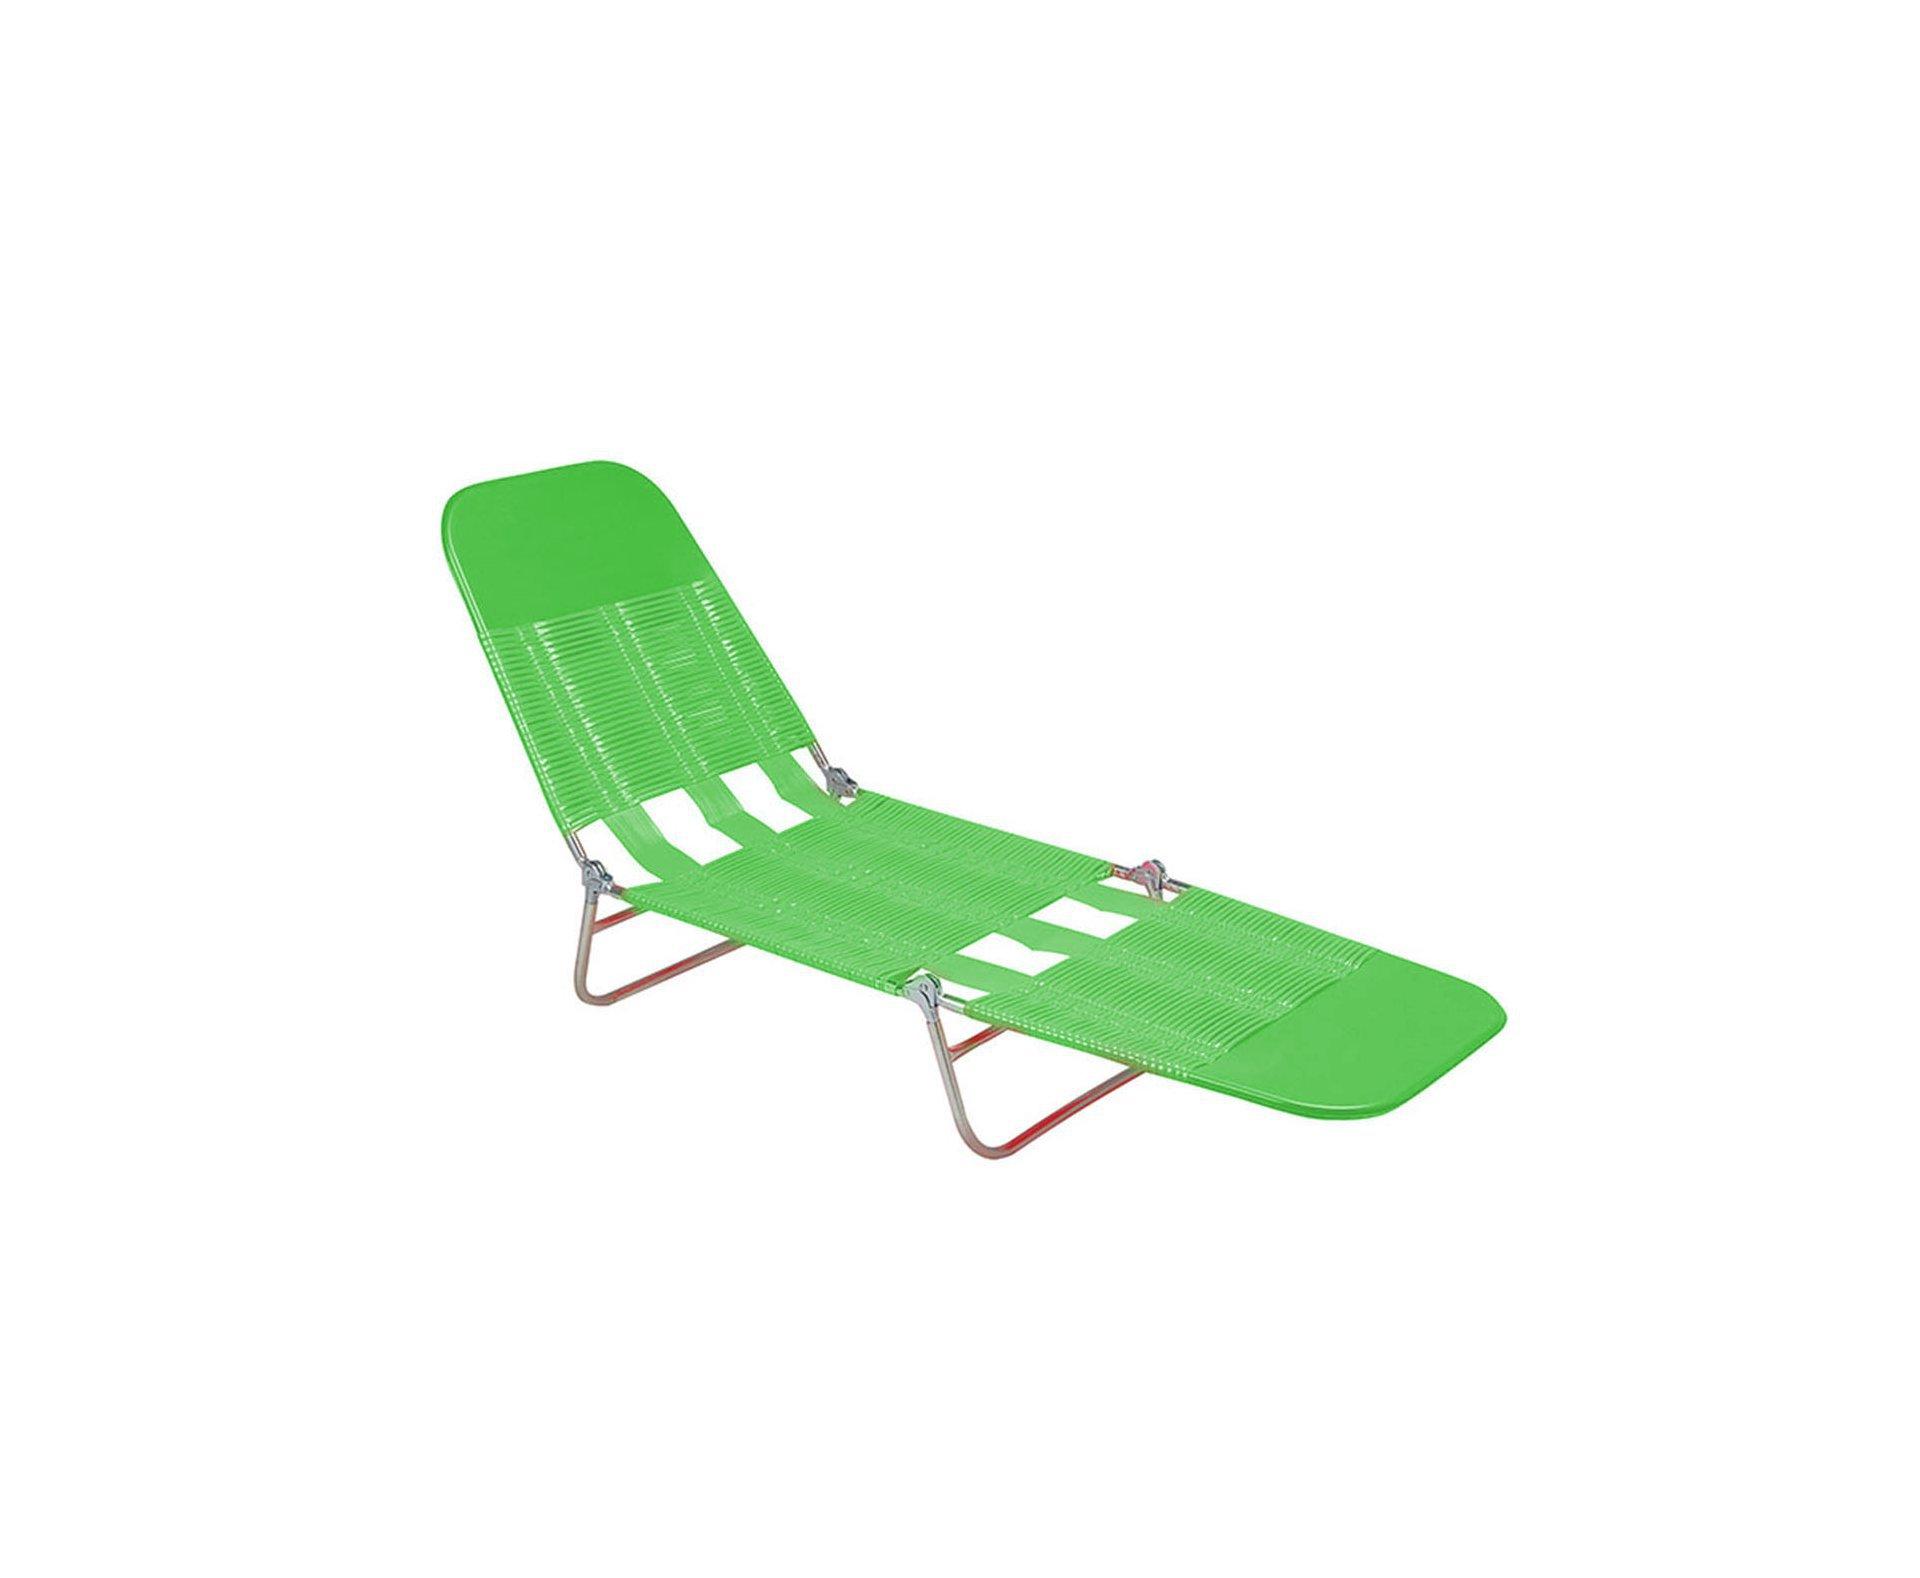 Cadeira Espreguiçadeira Pvc Verde - Mor